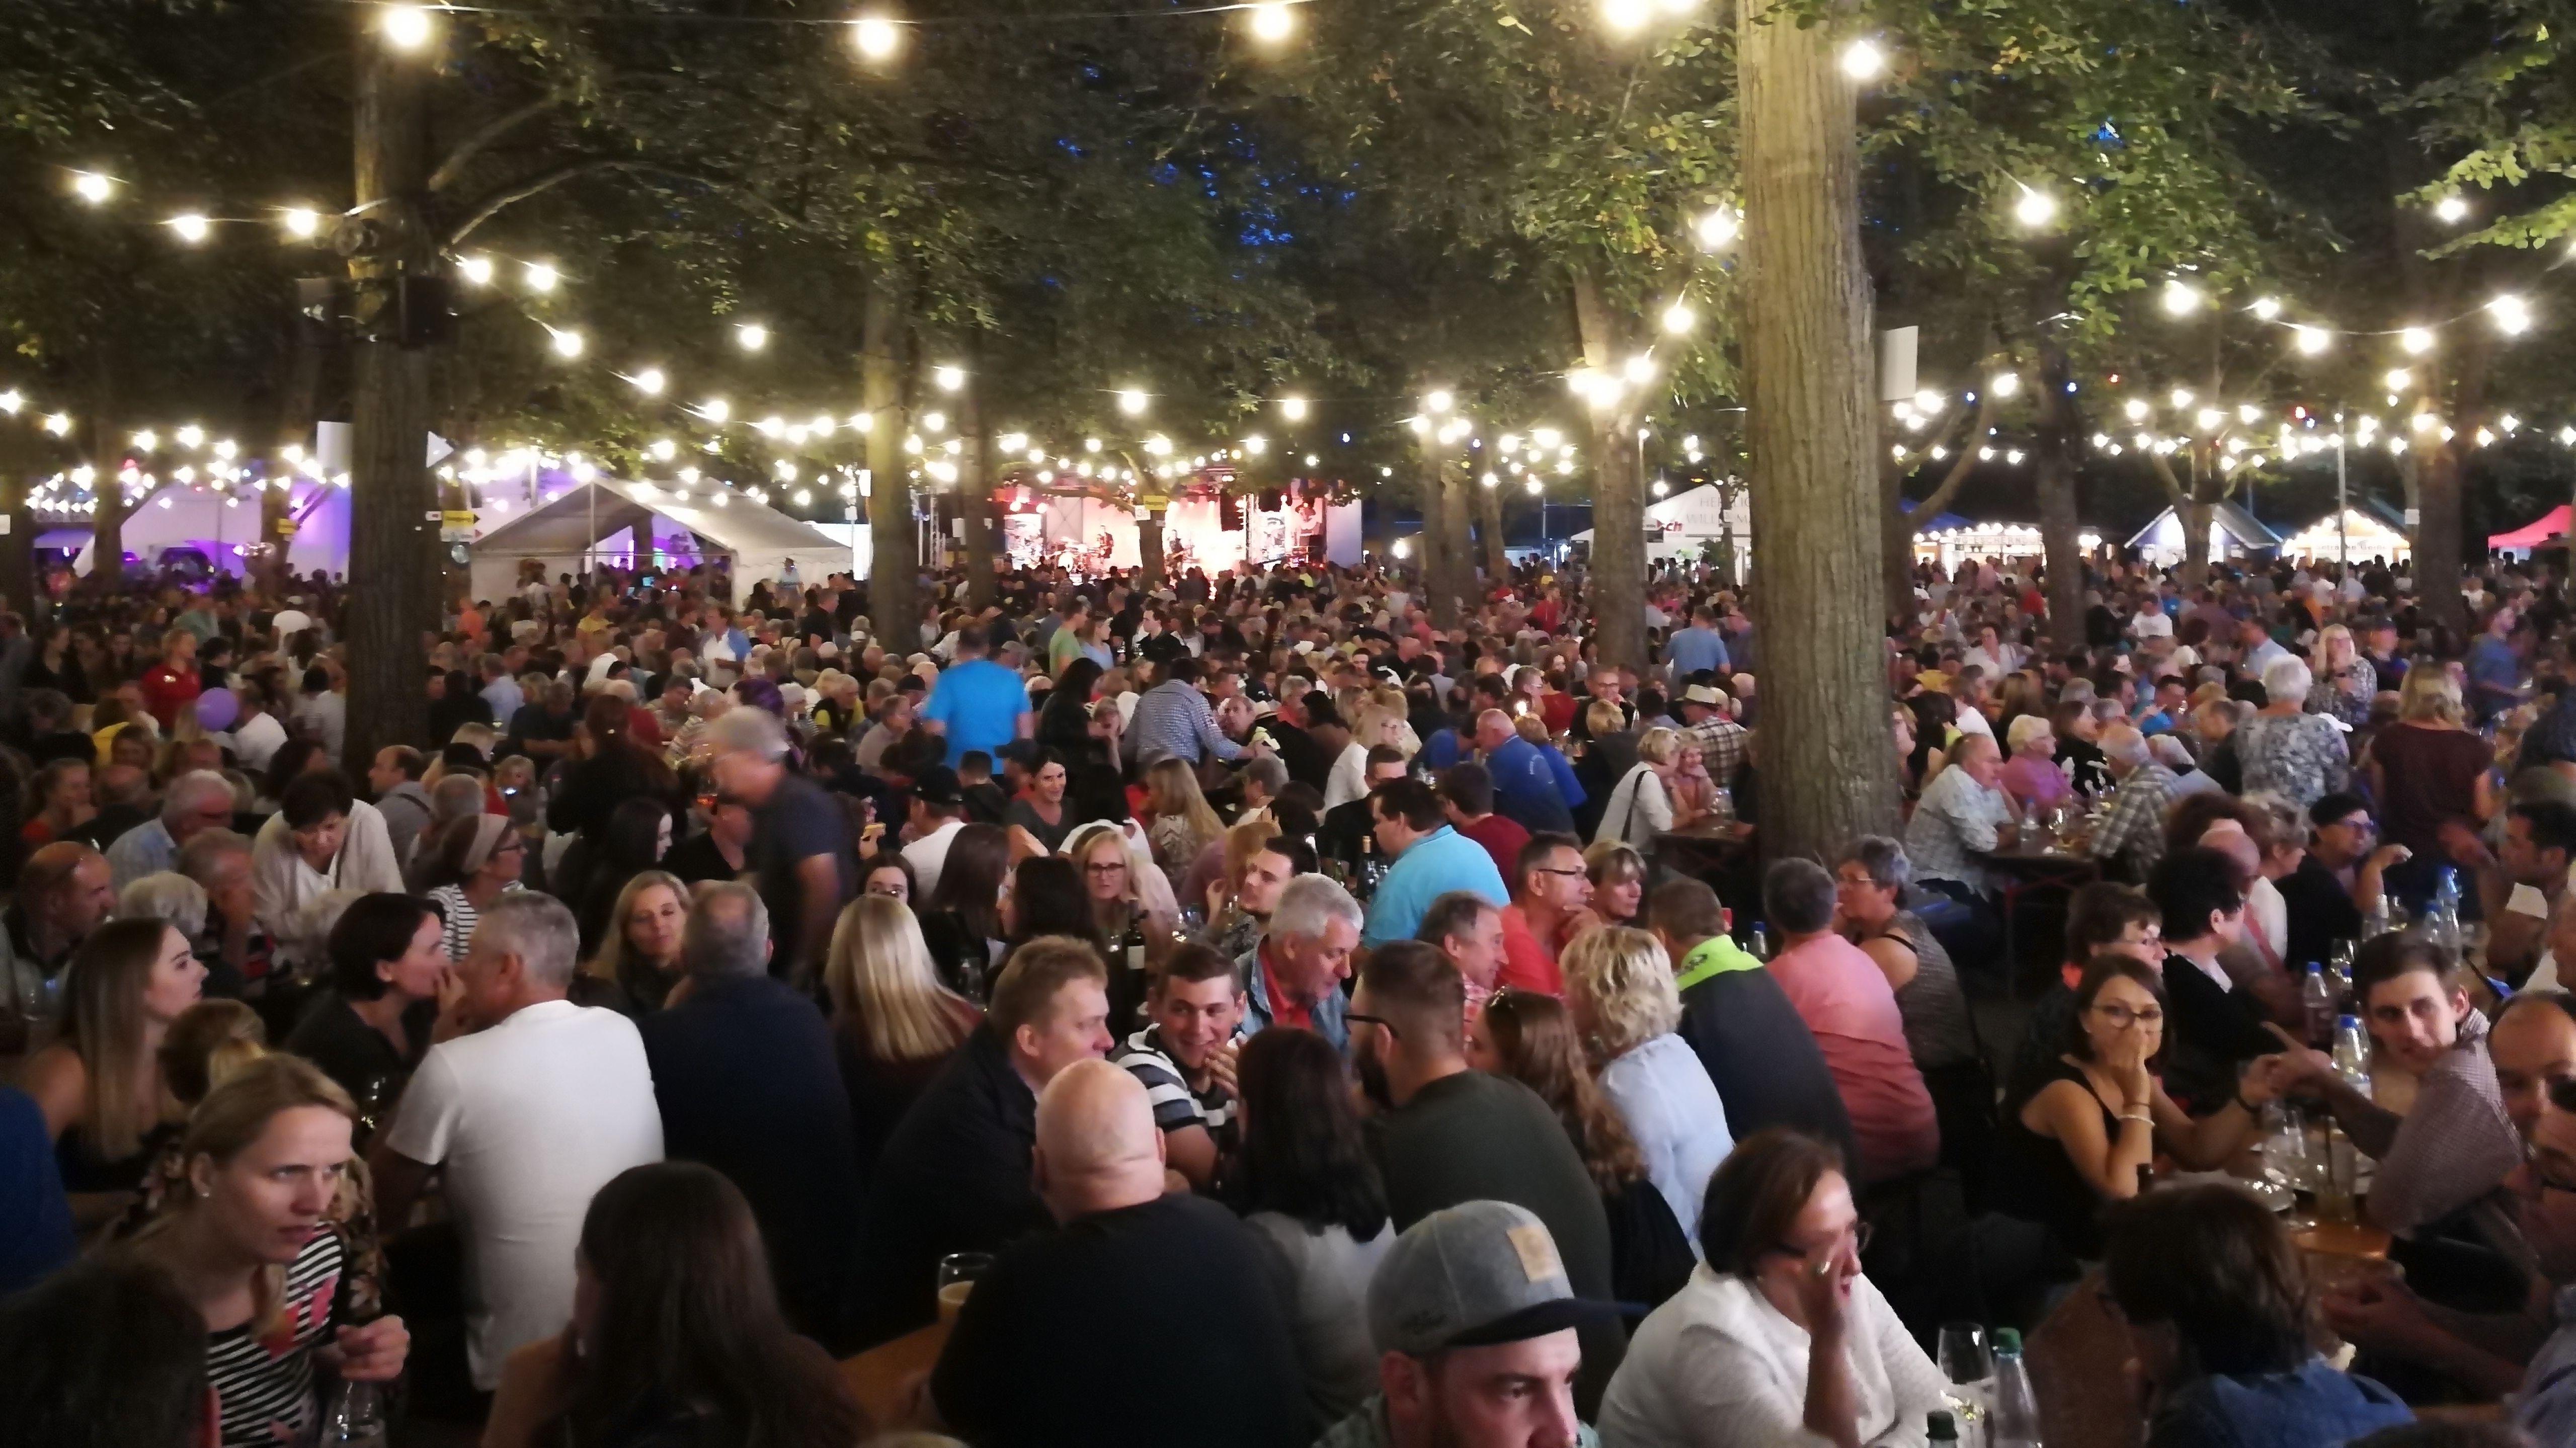 Besucher des Volkacher Weinfests sitzen am Abend unter beleuchteten Bäumen.